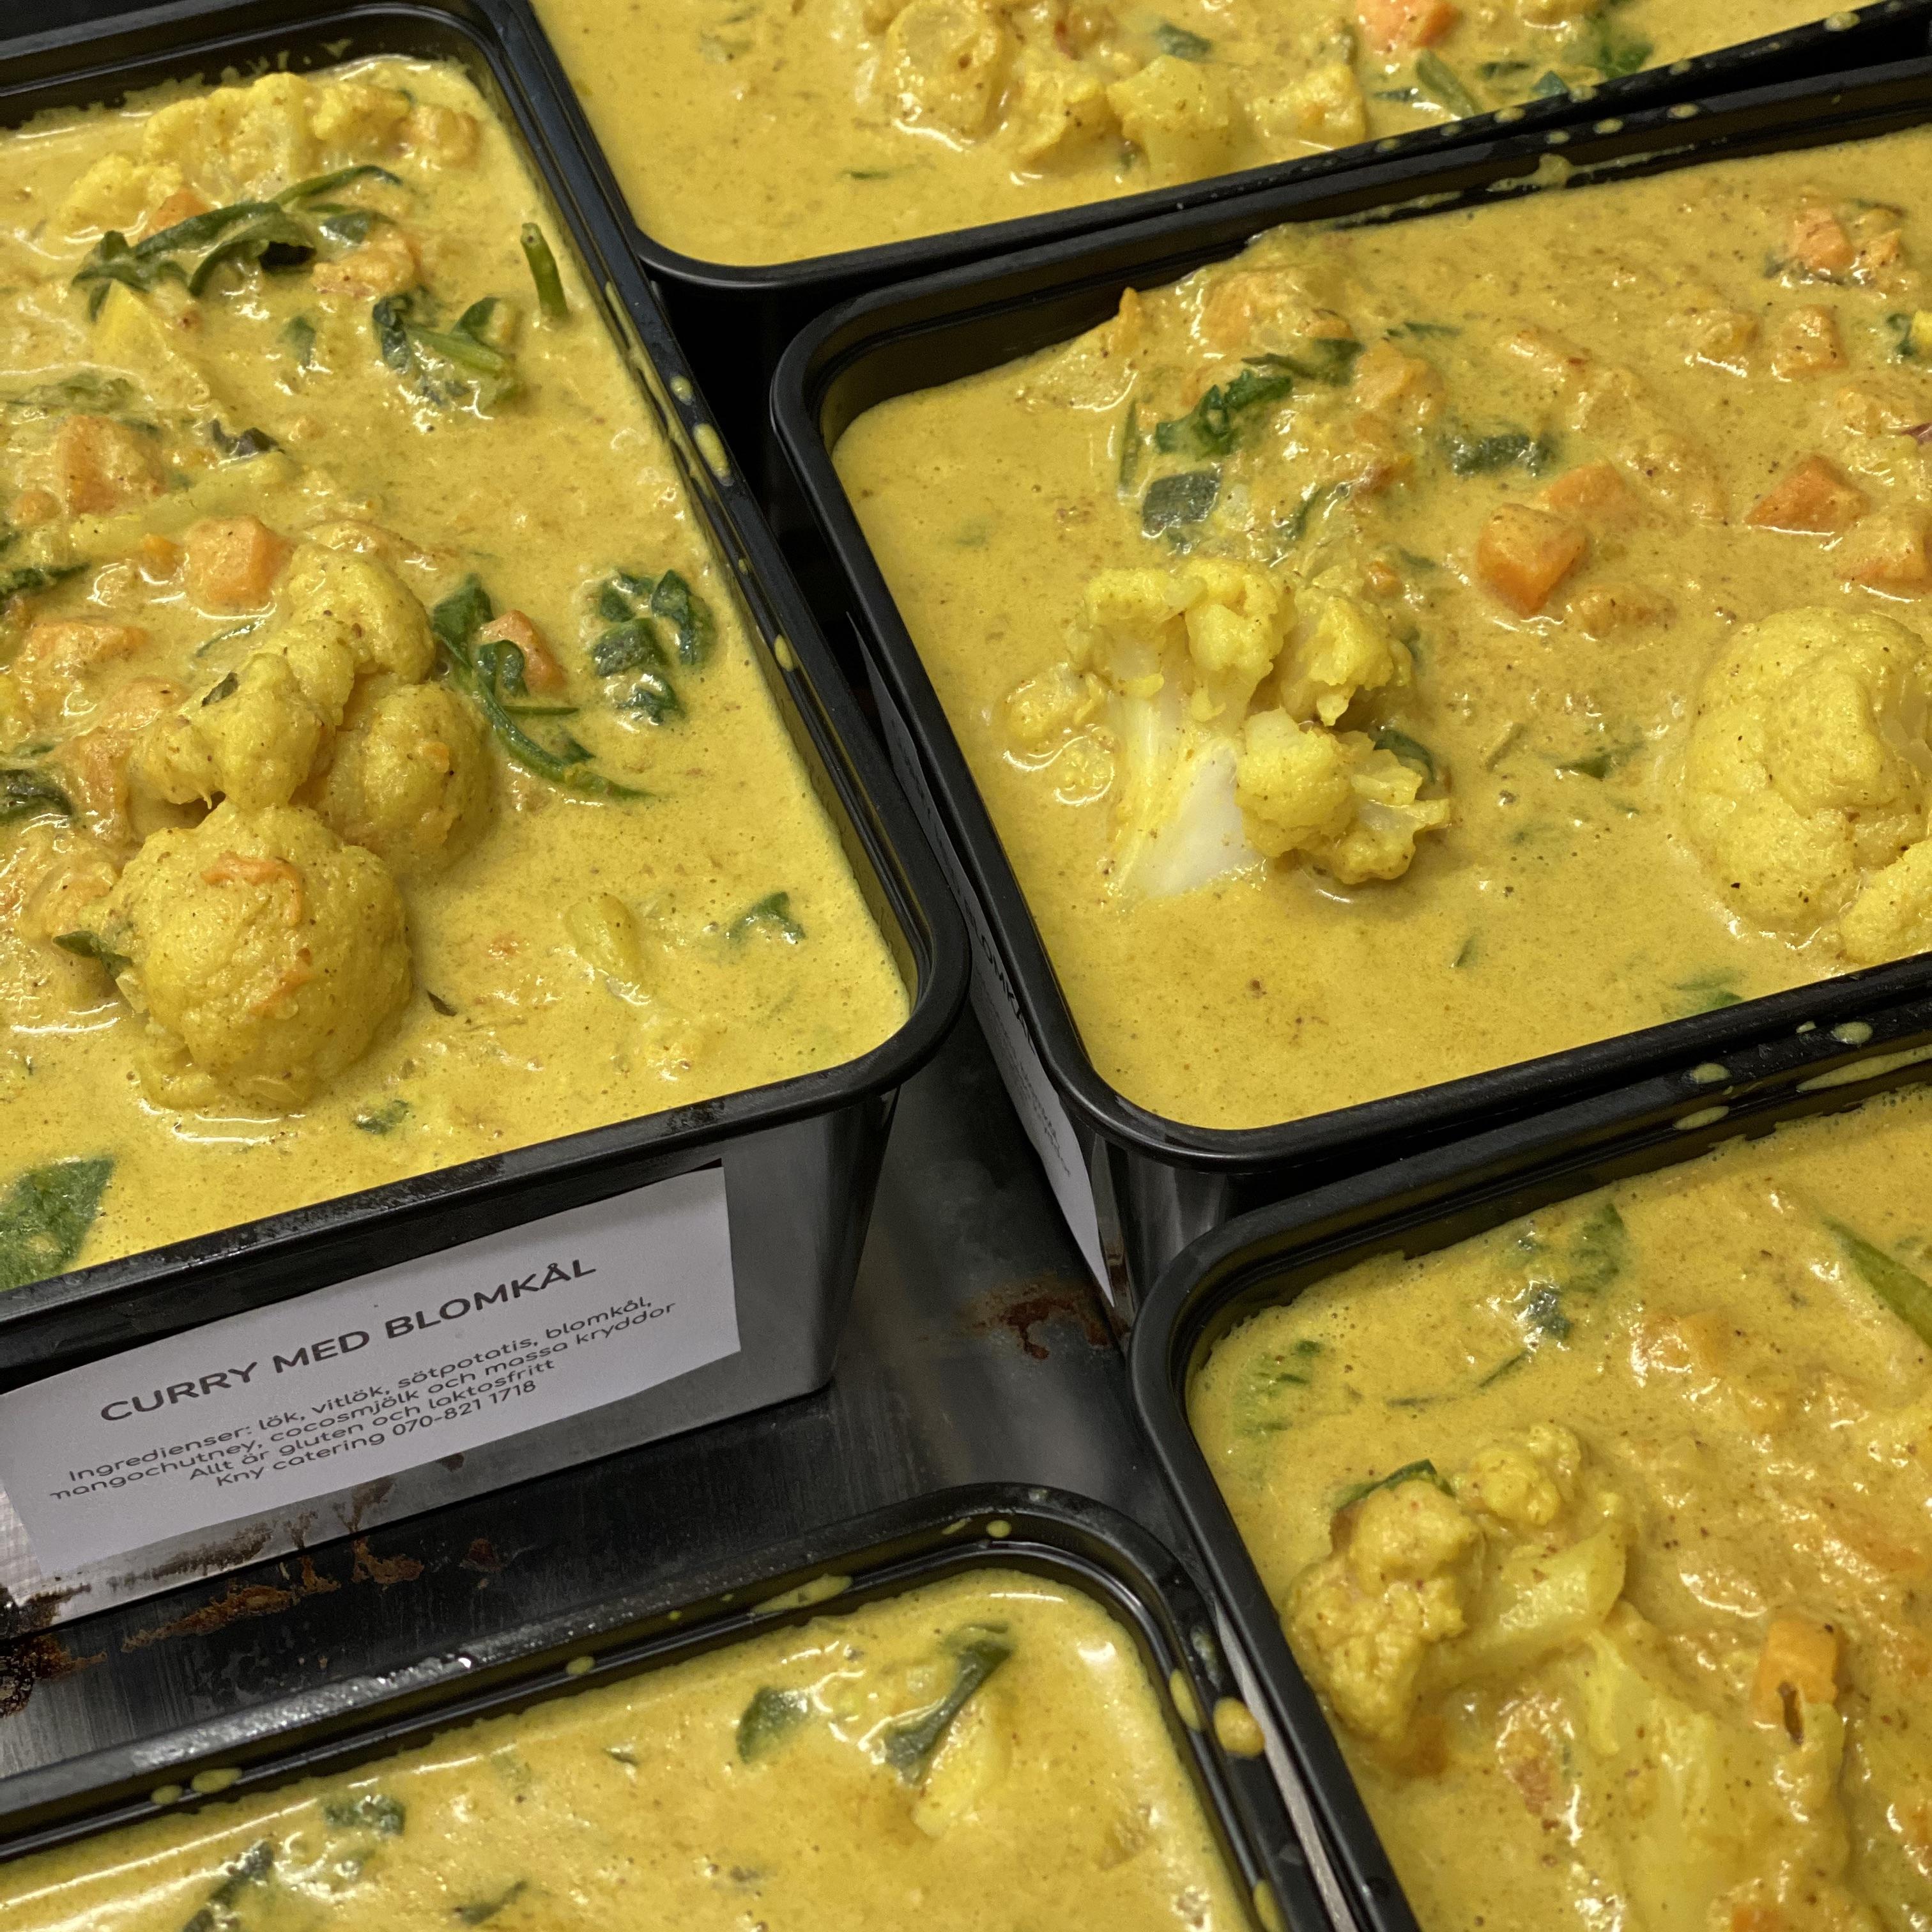 Curry med blomkål, sötpotatis och mango chutney